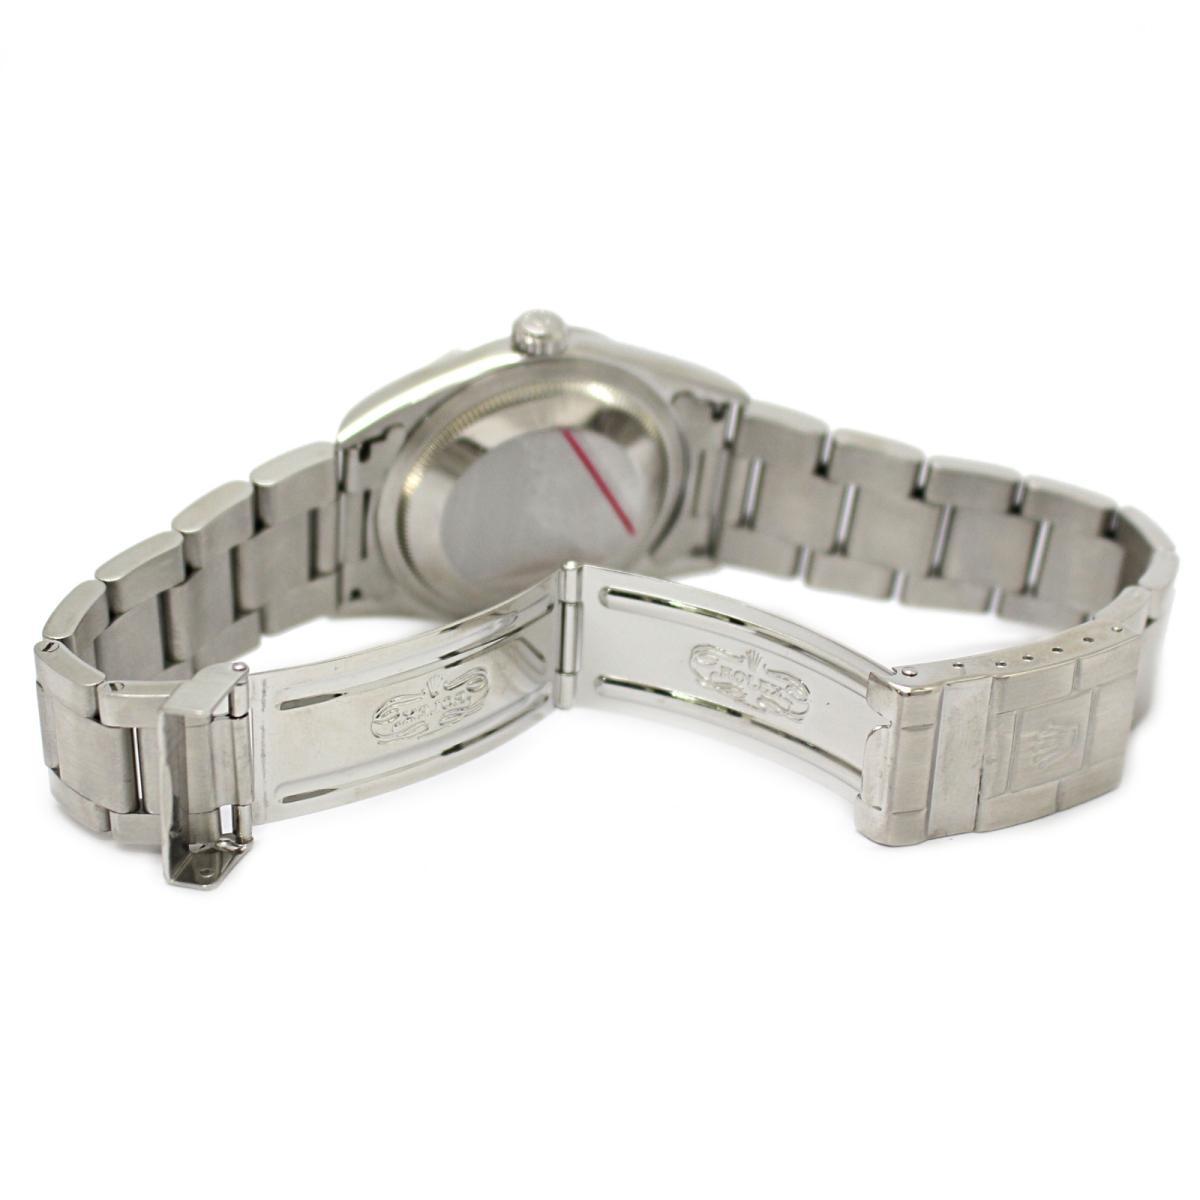 ROLEX 時計 14270  エクスプローラー1メンズウォッチ 腕時計/人気